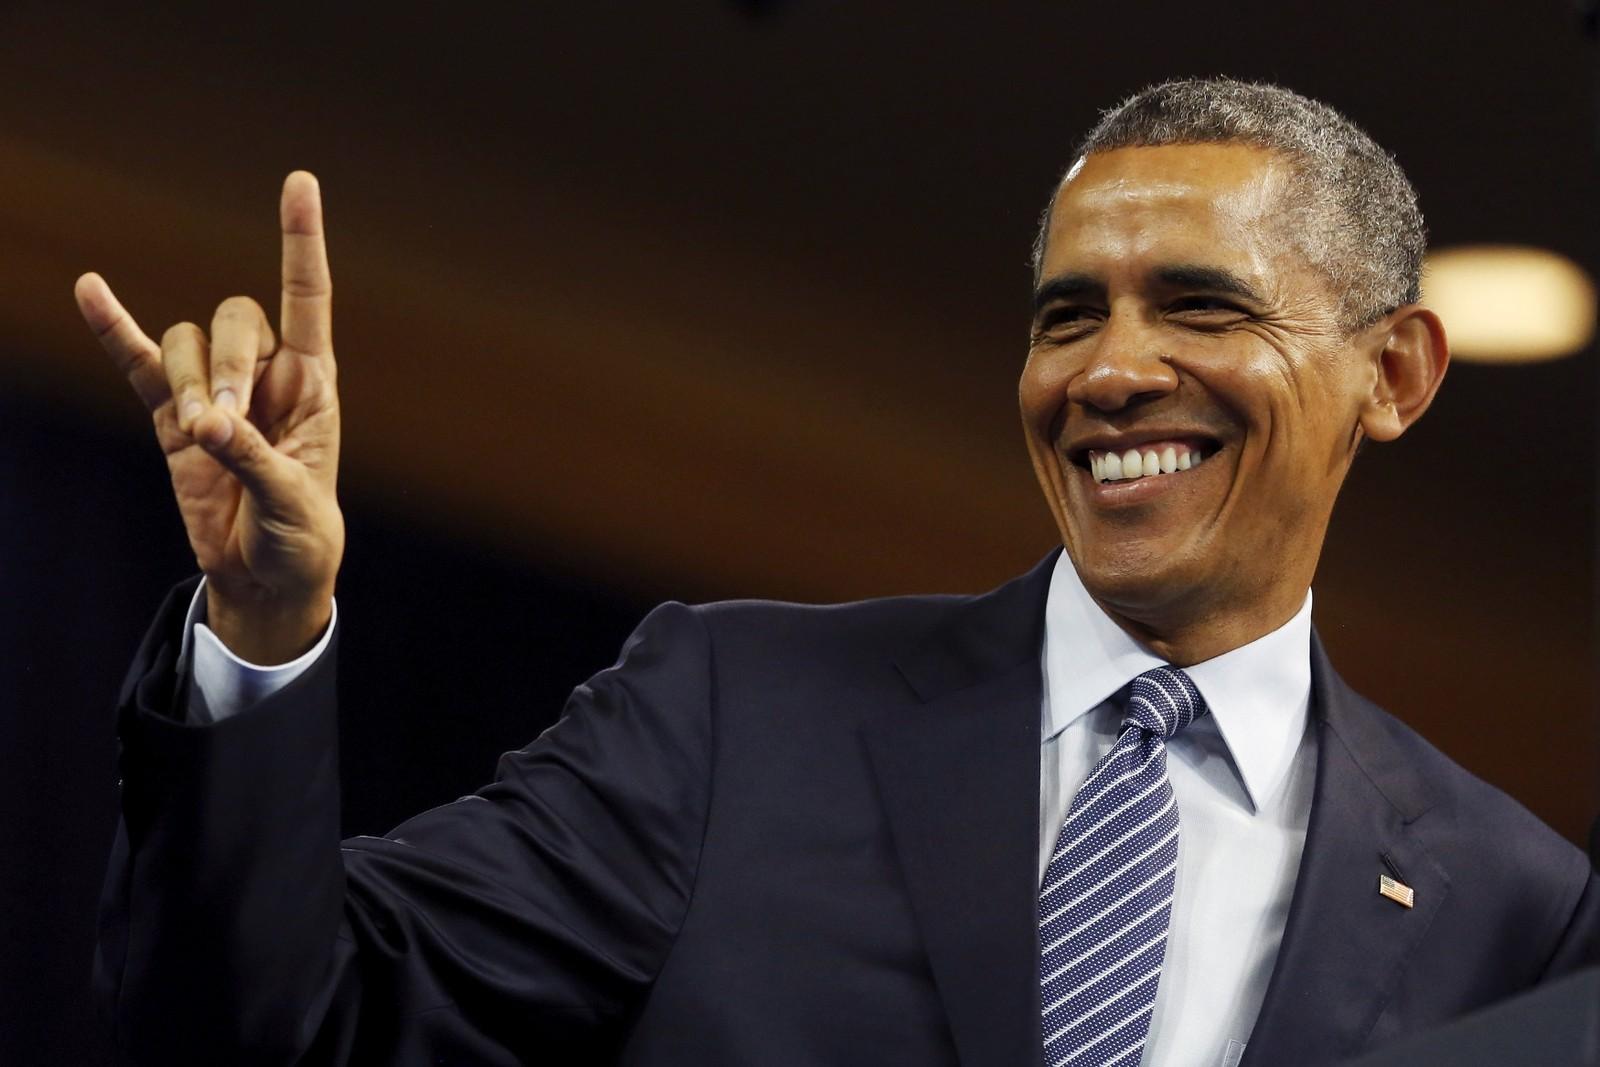 """USAs President Barack Obama viser """"dyrets tegn"""", eller symbolet for Rock n' roll under en samling i Washington."""